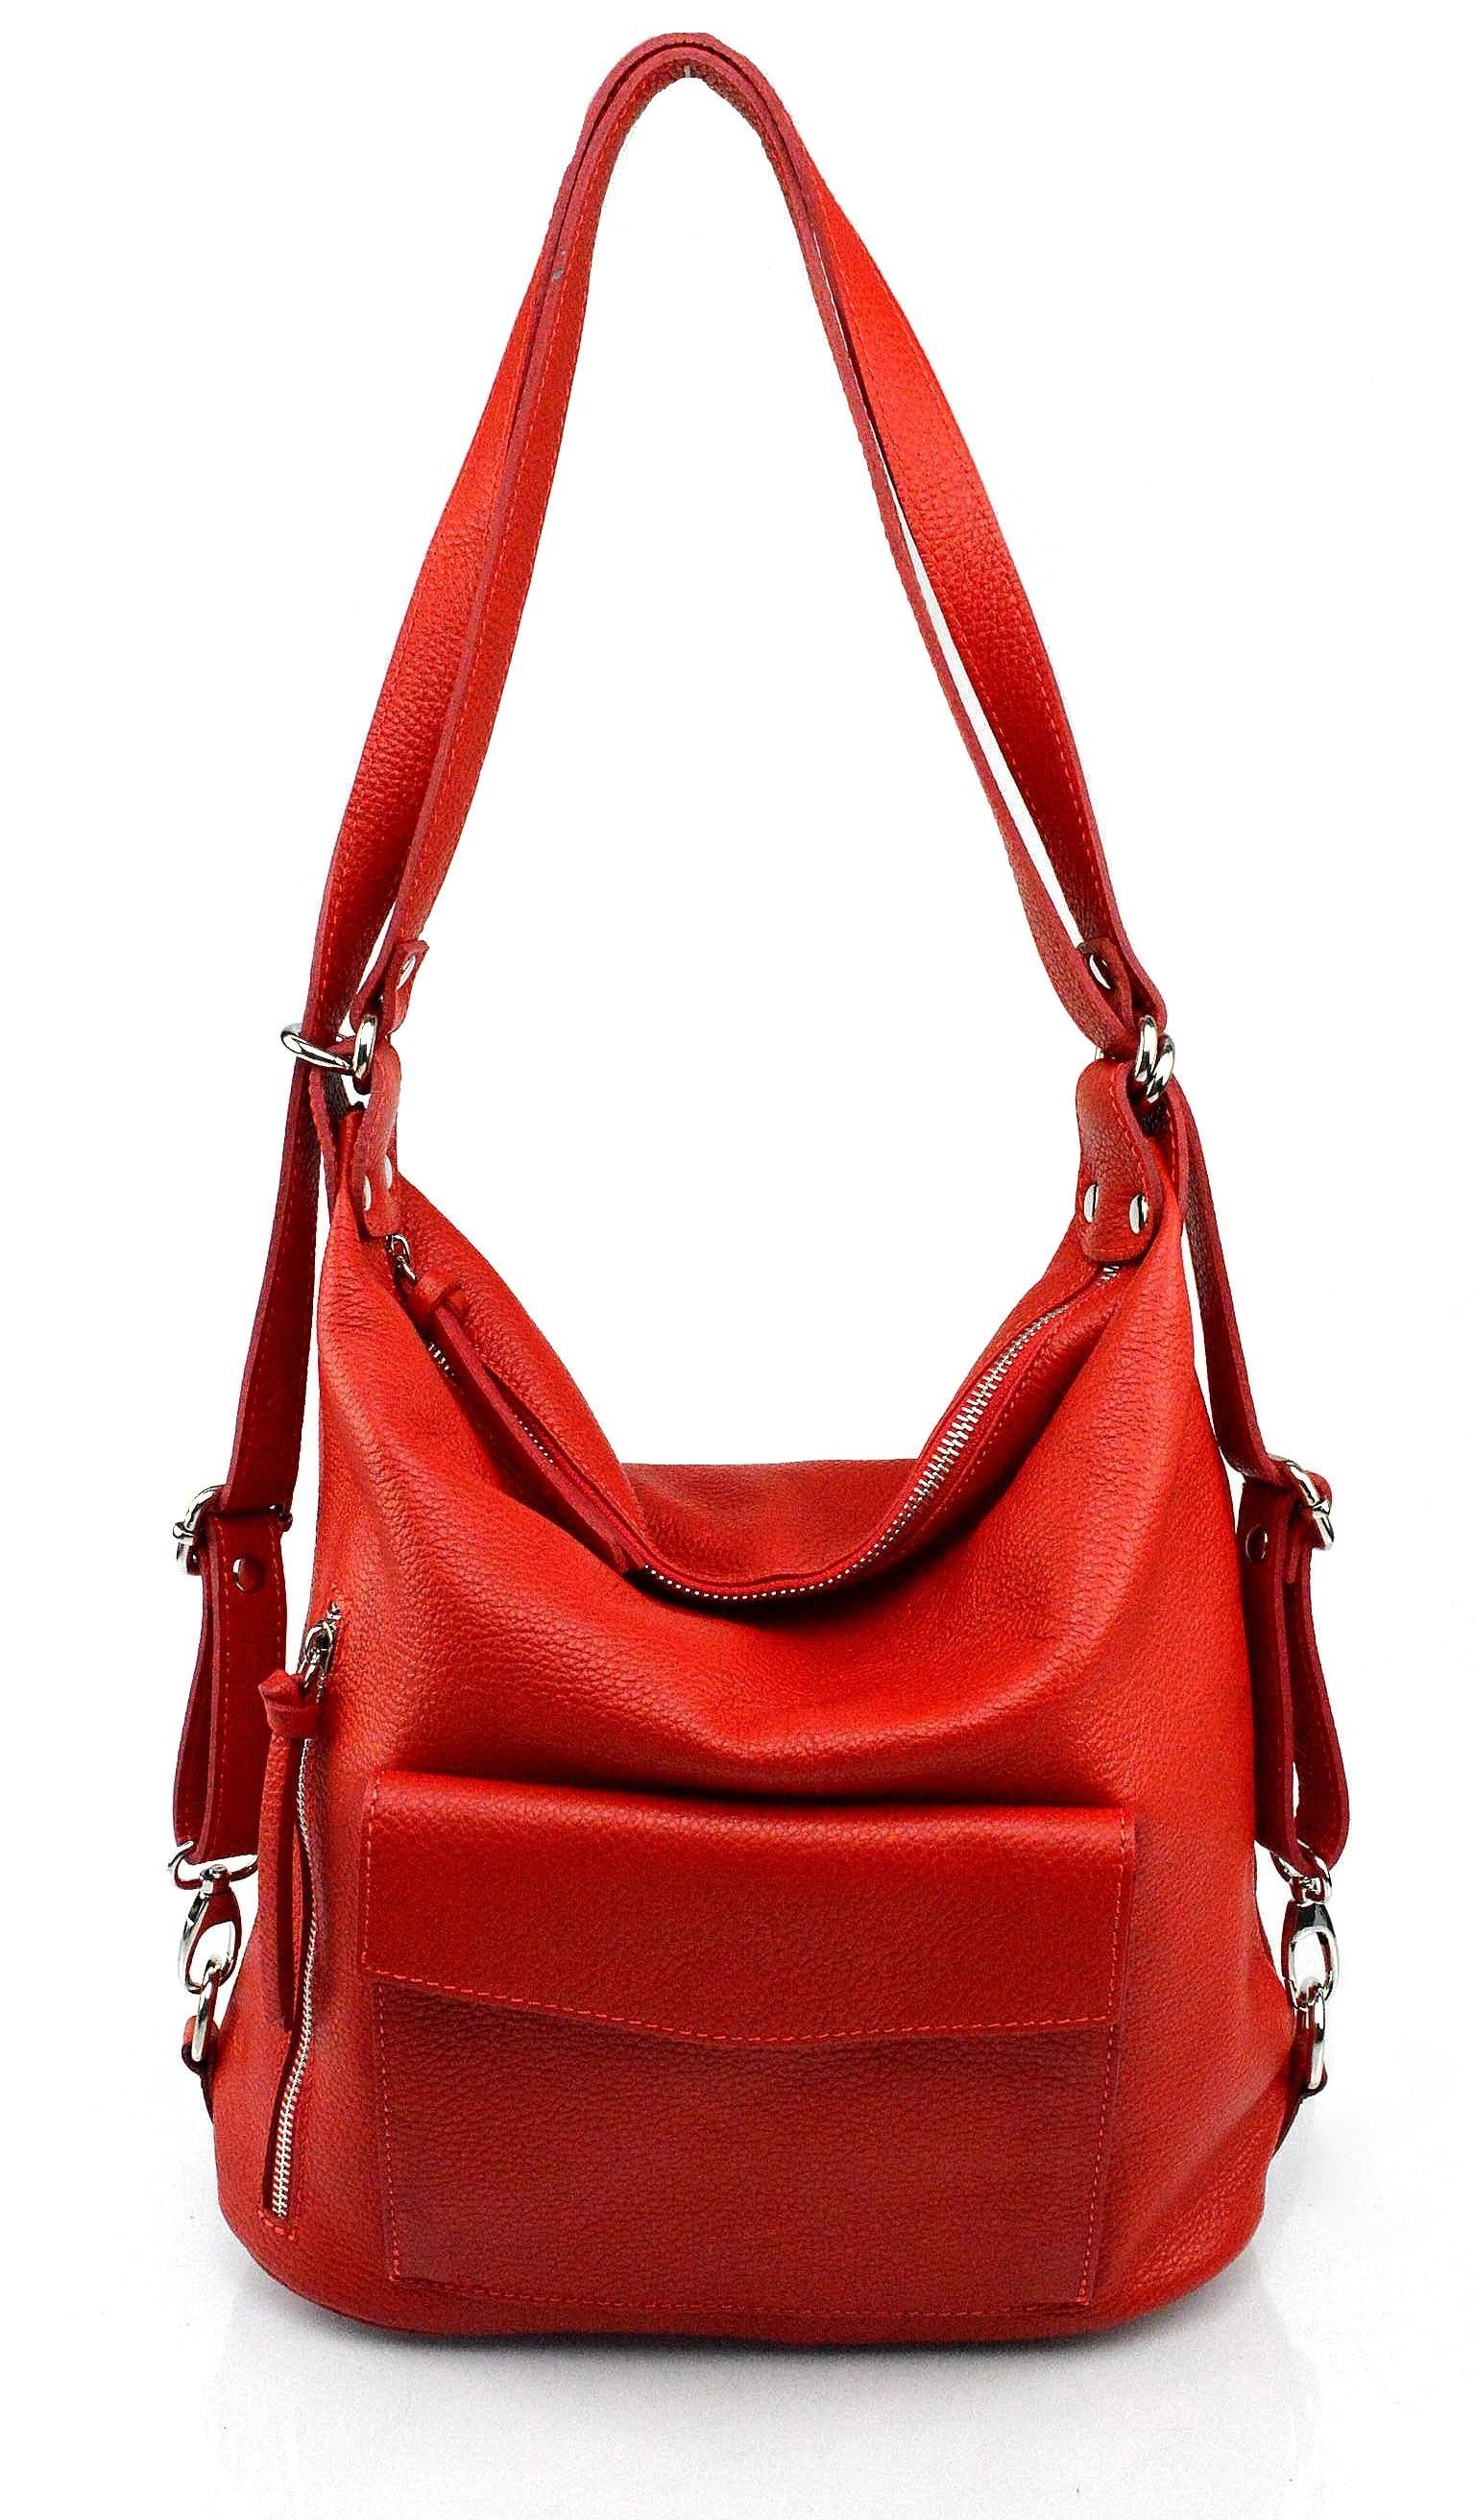 Praktická kožená větší sytě červená kabelka a batoh 2v1 Karin